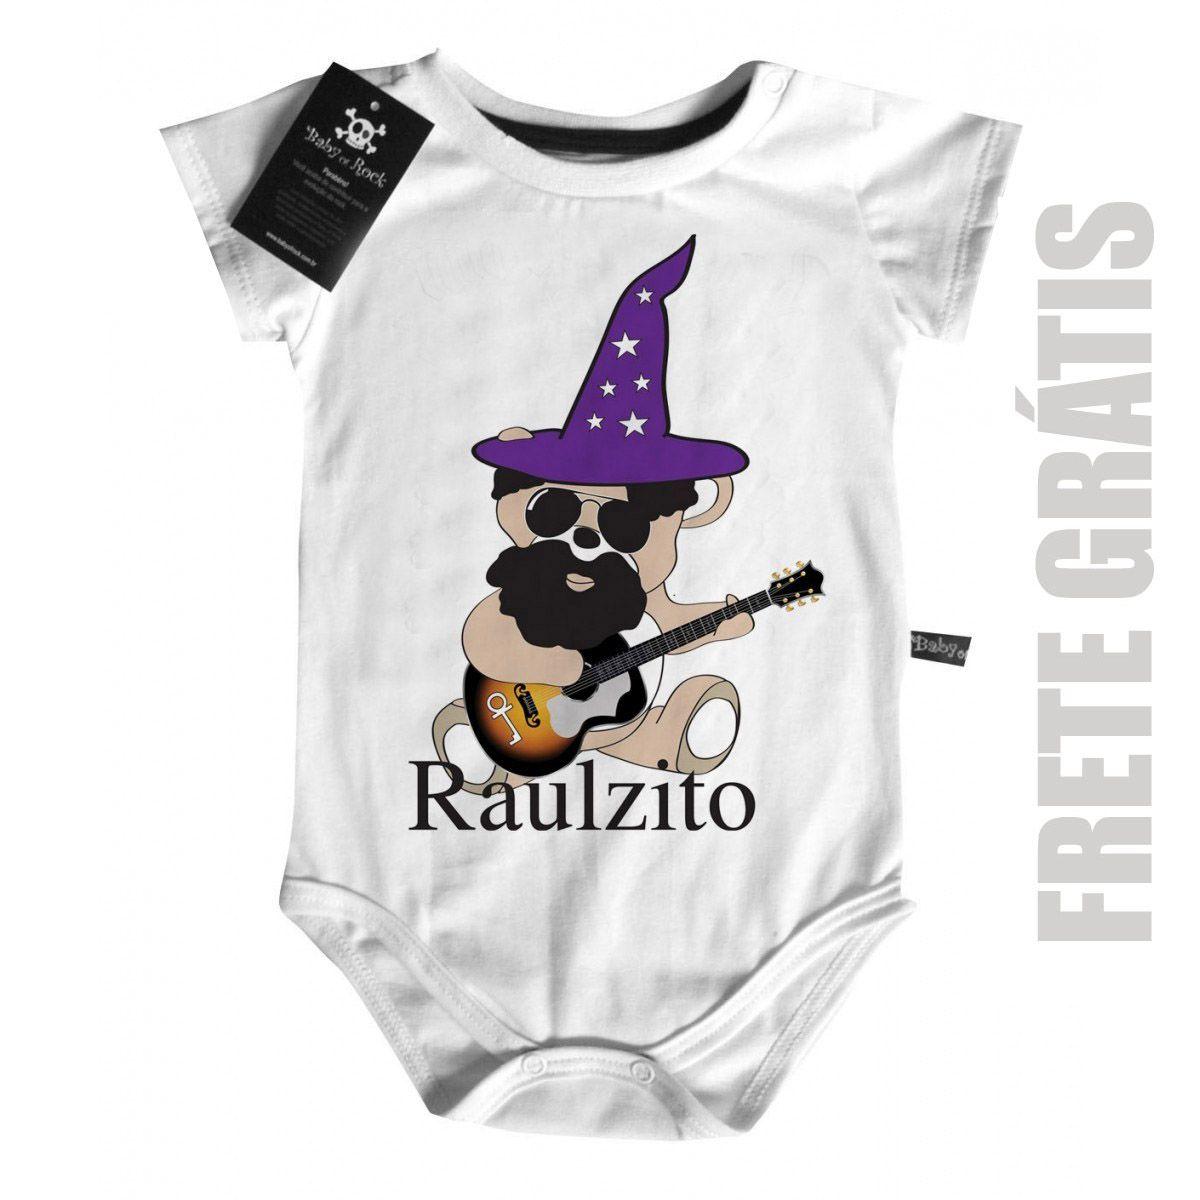 Body Bebê Raul Seixas  - Ursinho D - White  - Baby Monster S/A